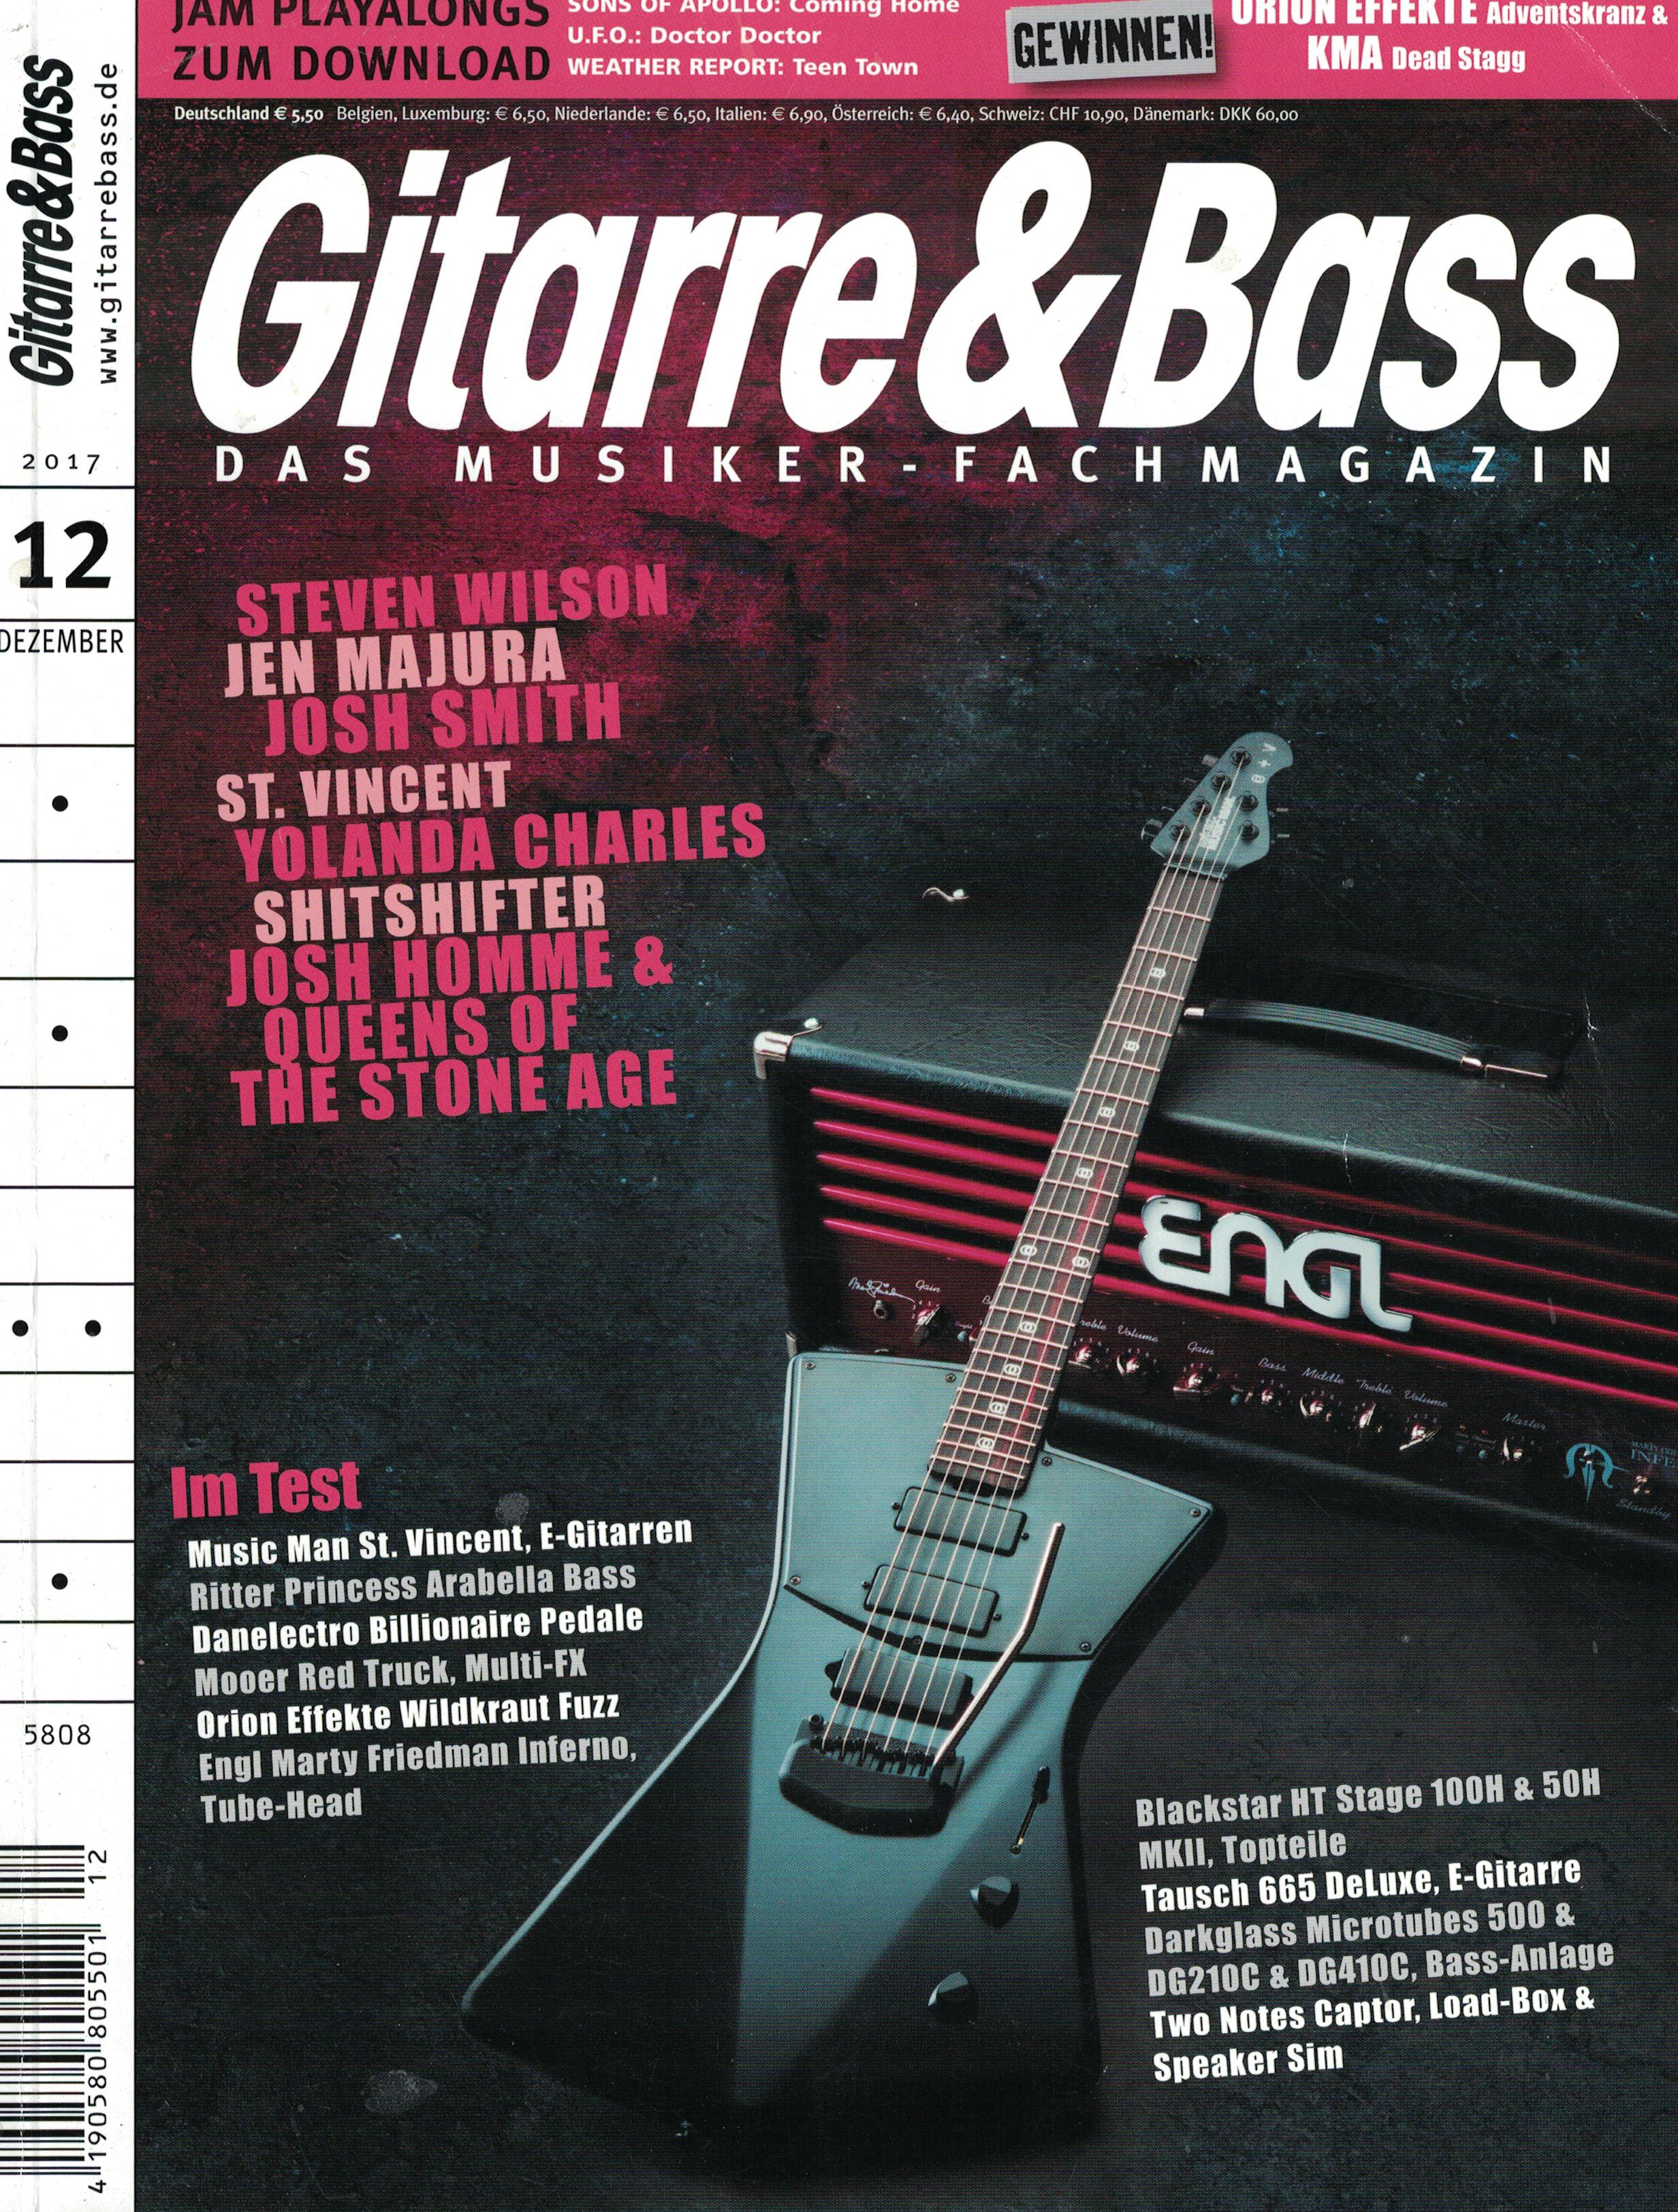 Gitarre & Bass cover.jpeg